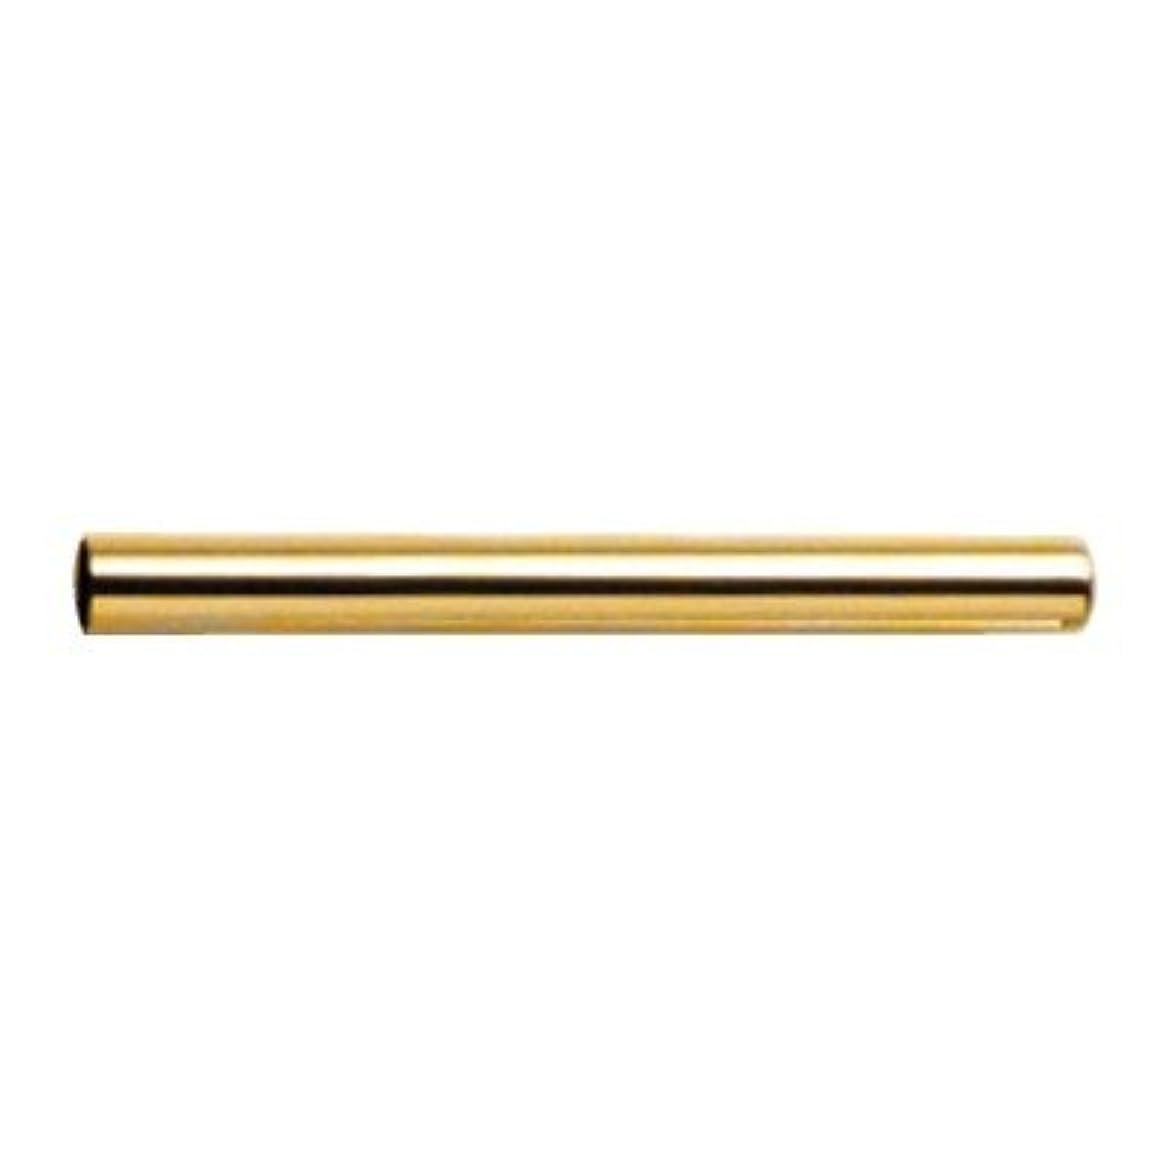 器官リフレッシュわなブラシキャップ 口径約9.3mm ゴールド